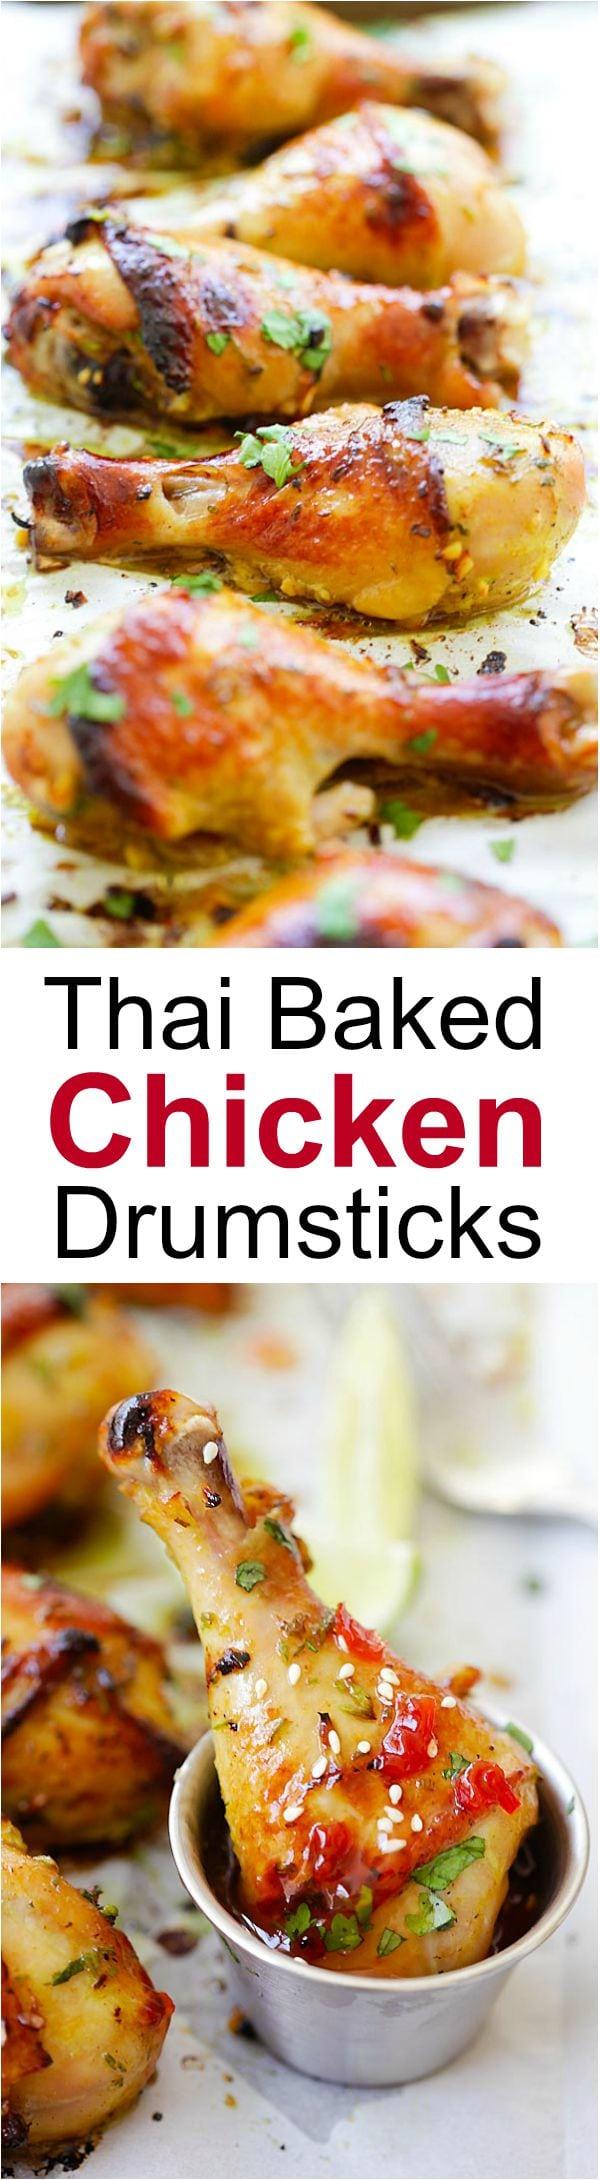 Pilons de poulet au four à la thaïlandaise – poulet juteux, savoureux et moelleux mariné avec des saveurs thaïlandaises étonnantes et cuit à la perfection.  Si bon!  |  rasamalaysia.com